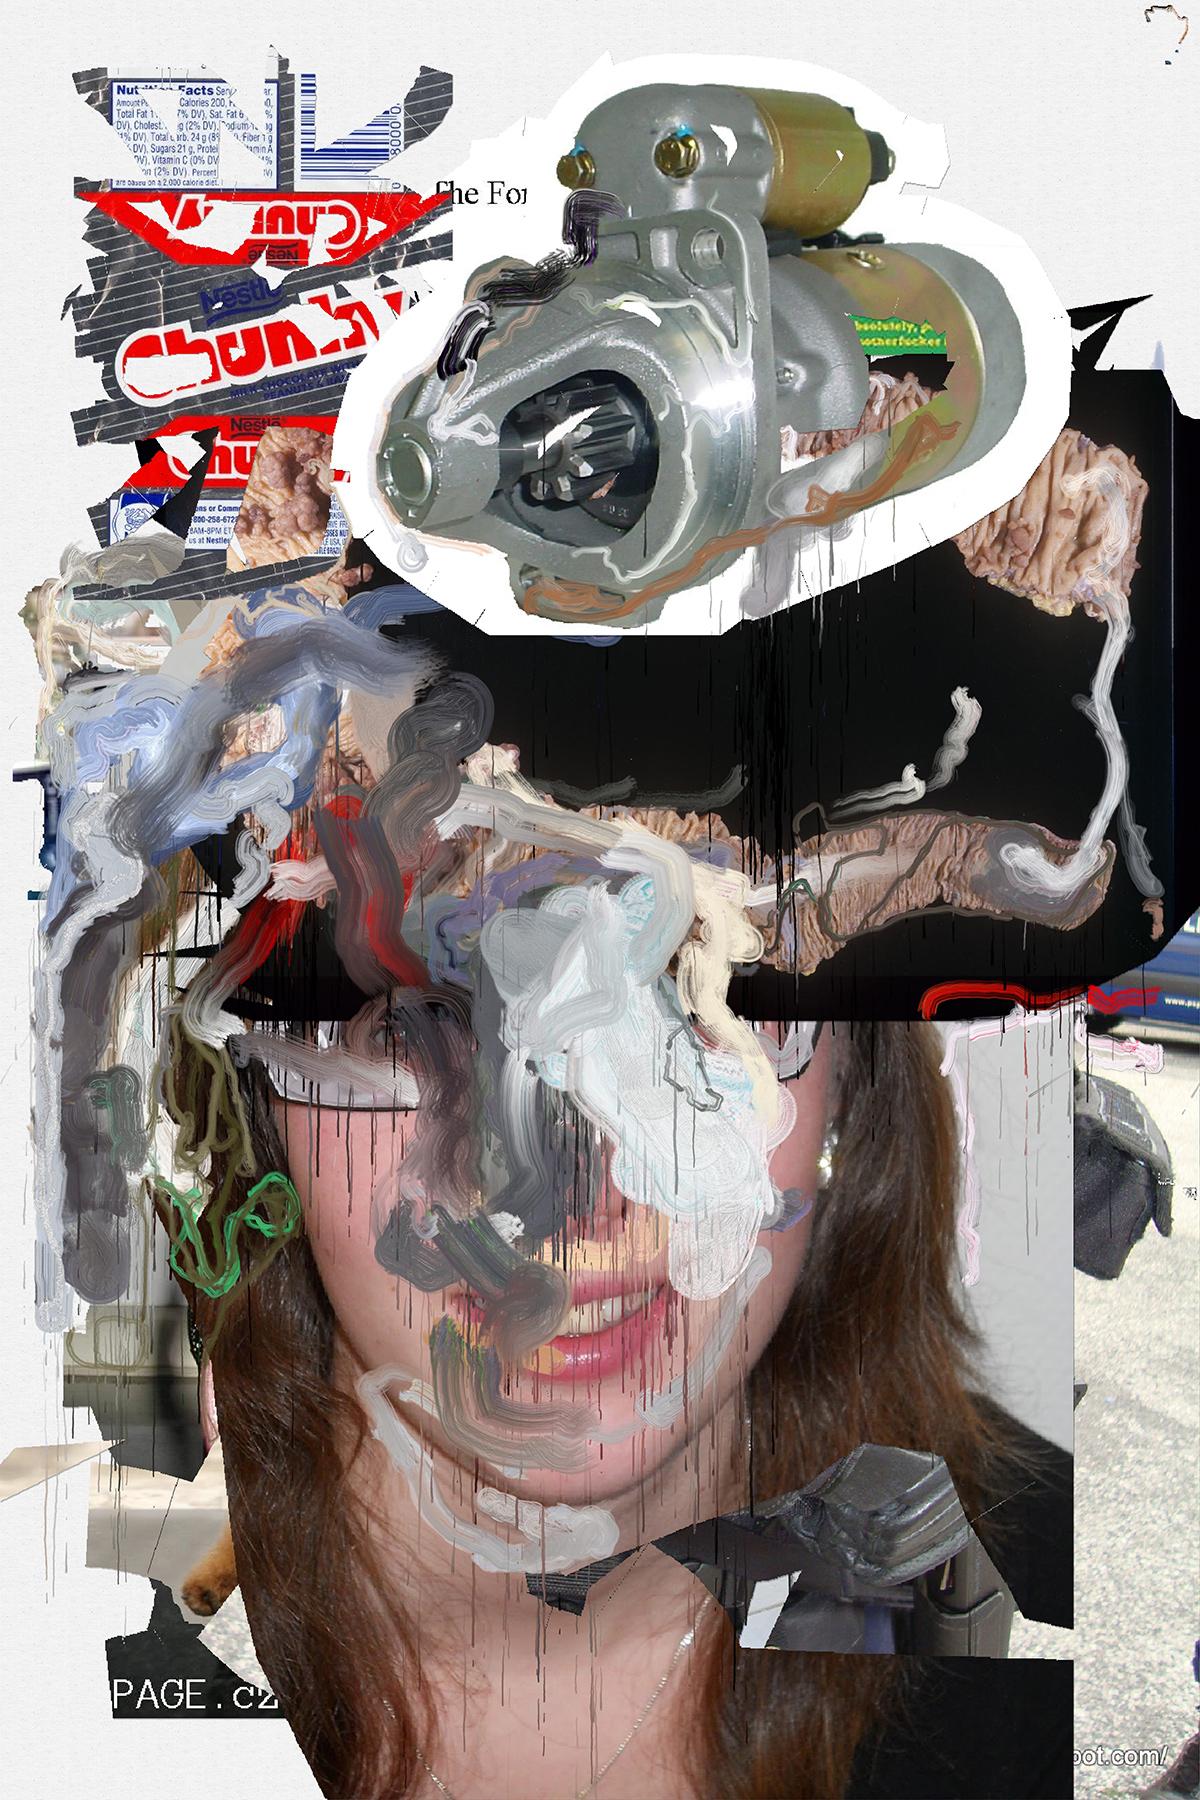 Siebren Versteeg, Split Open And Melt, algorithmisch generiertes Bild auf Leinwand gedruckt, Epoxydharz, 200 x 150 cm, 2017